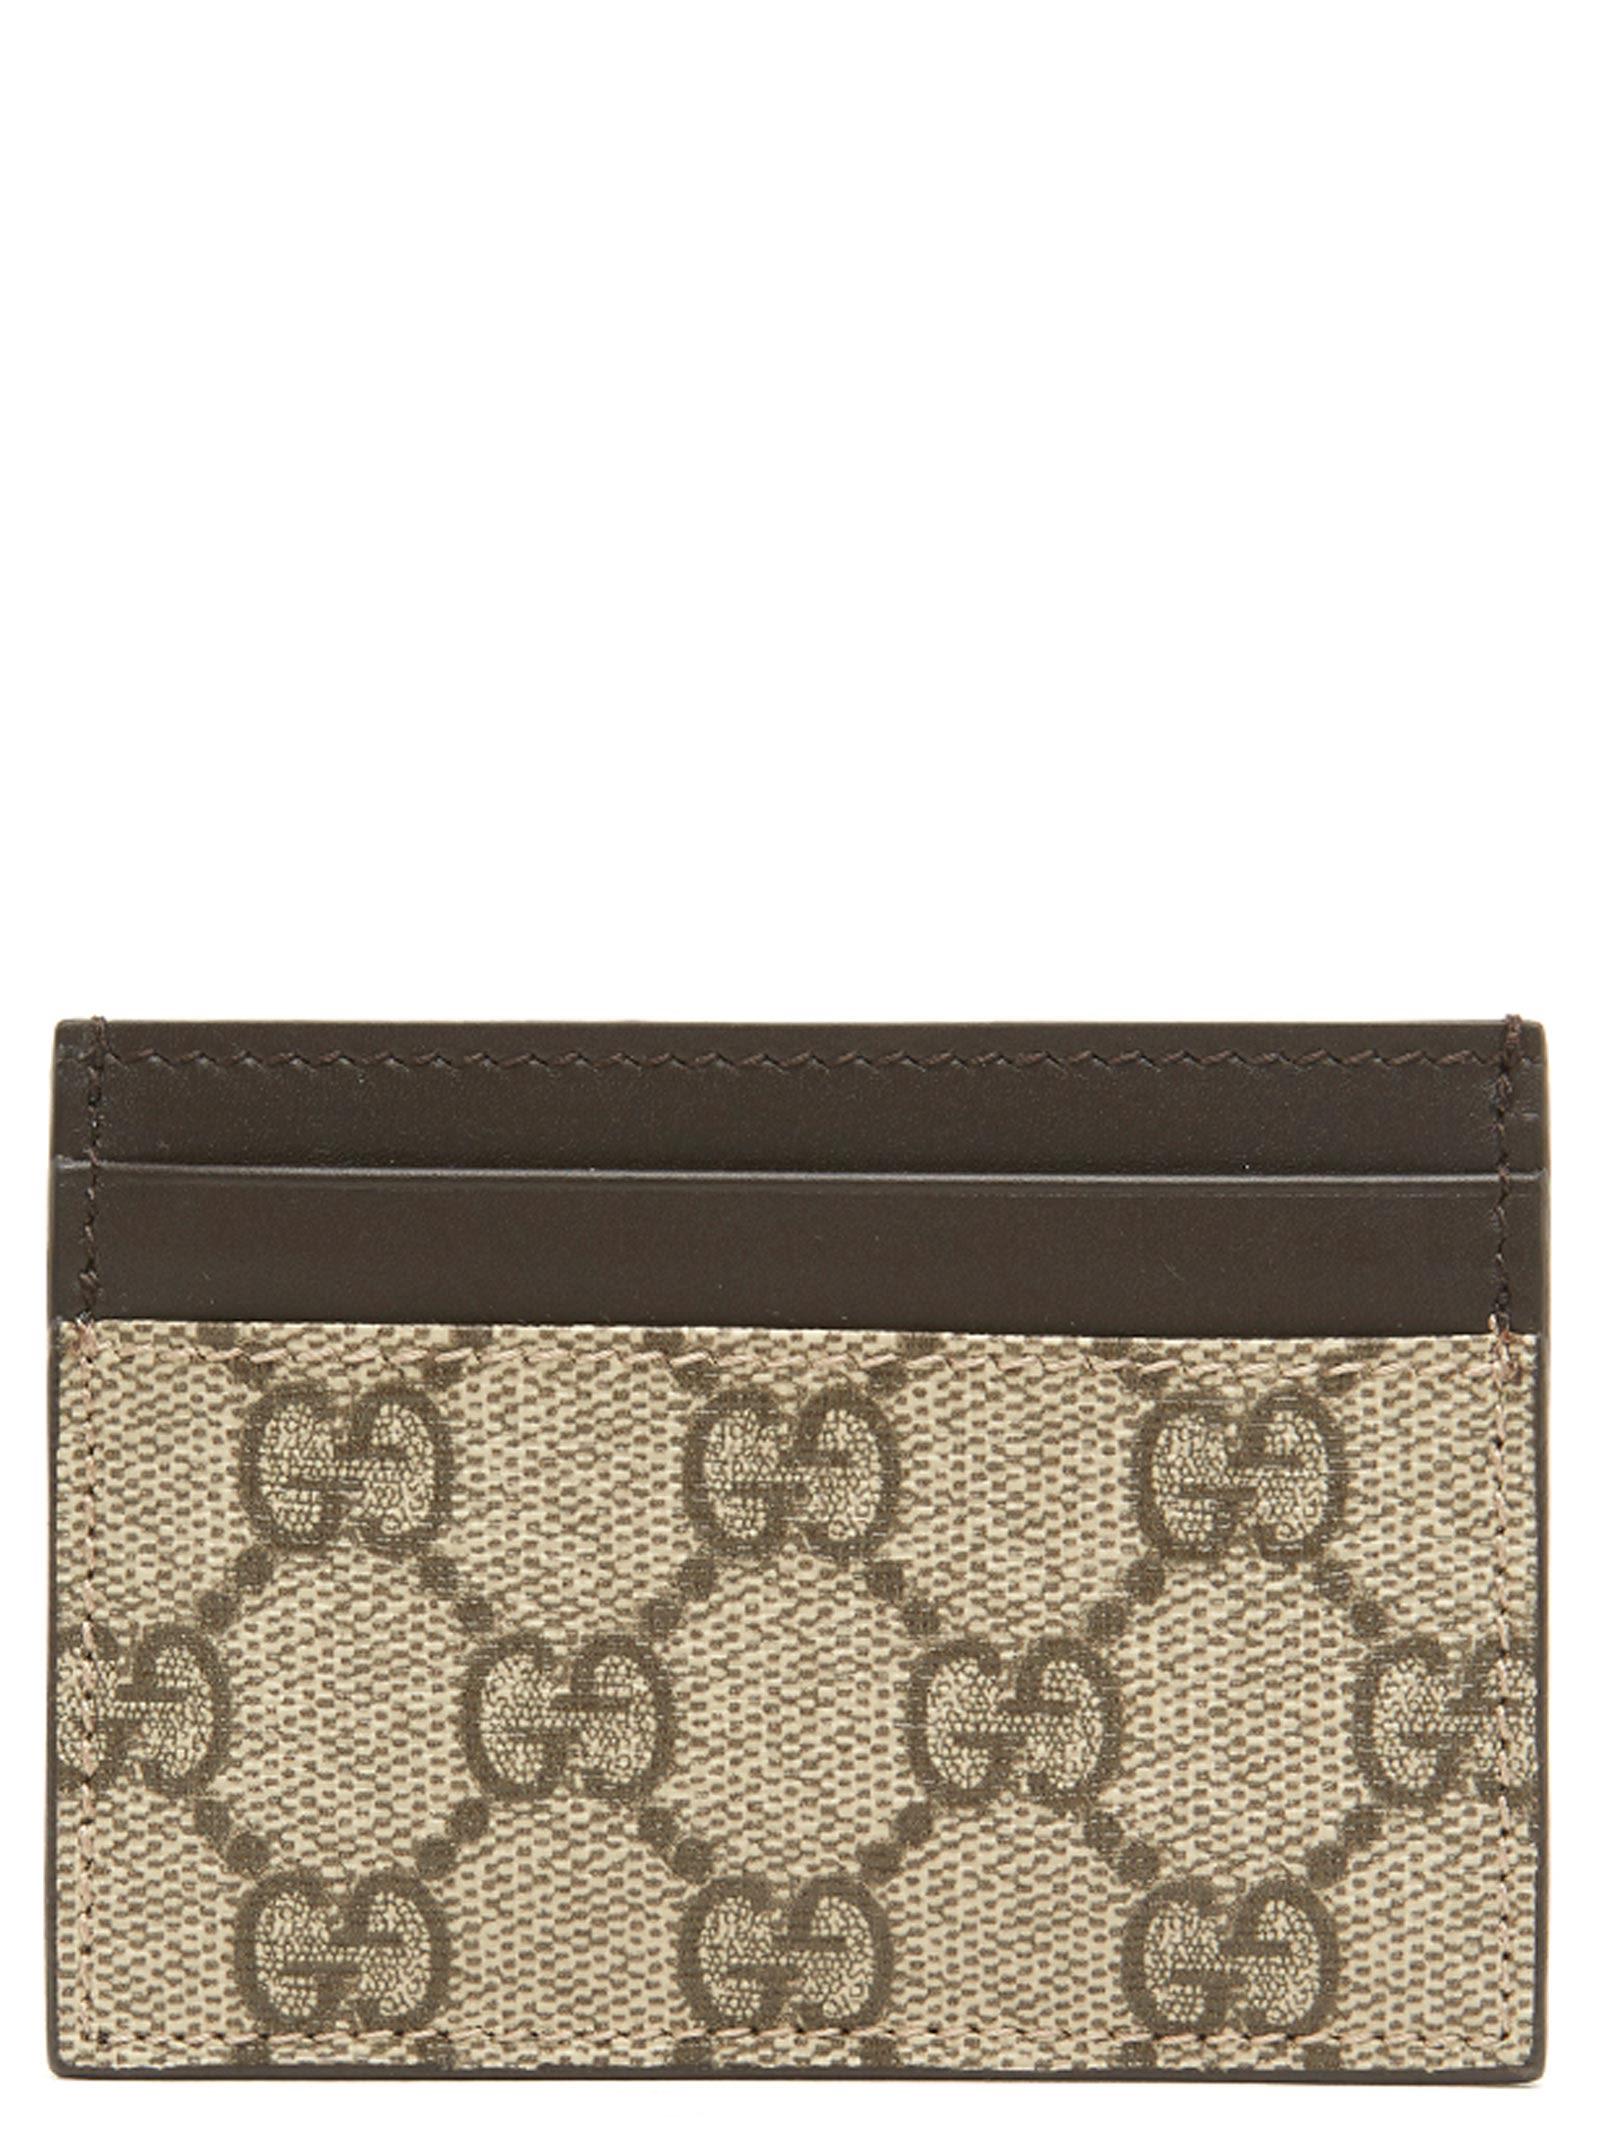 9e3bfd614835 Gucci Gucci Cardholder - Multicolor - 10828897